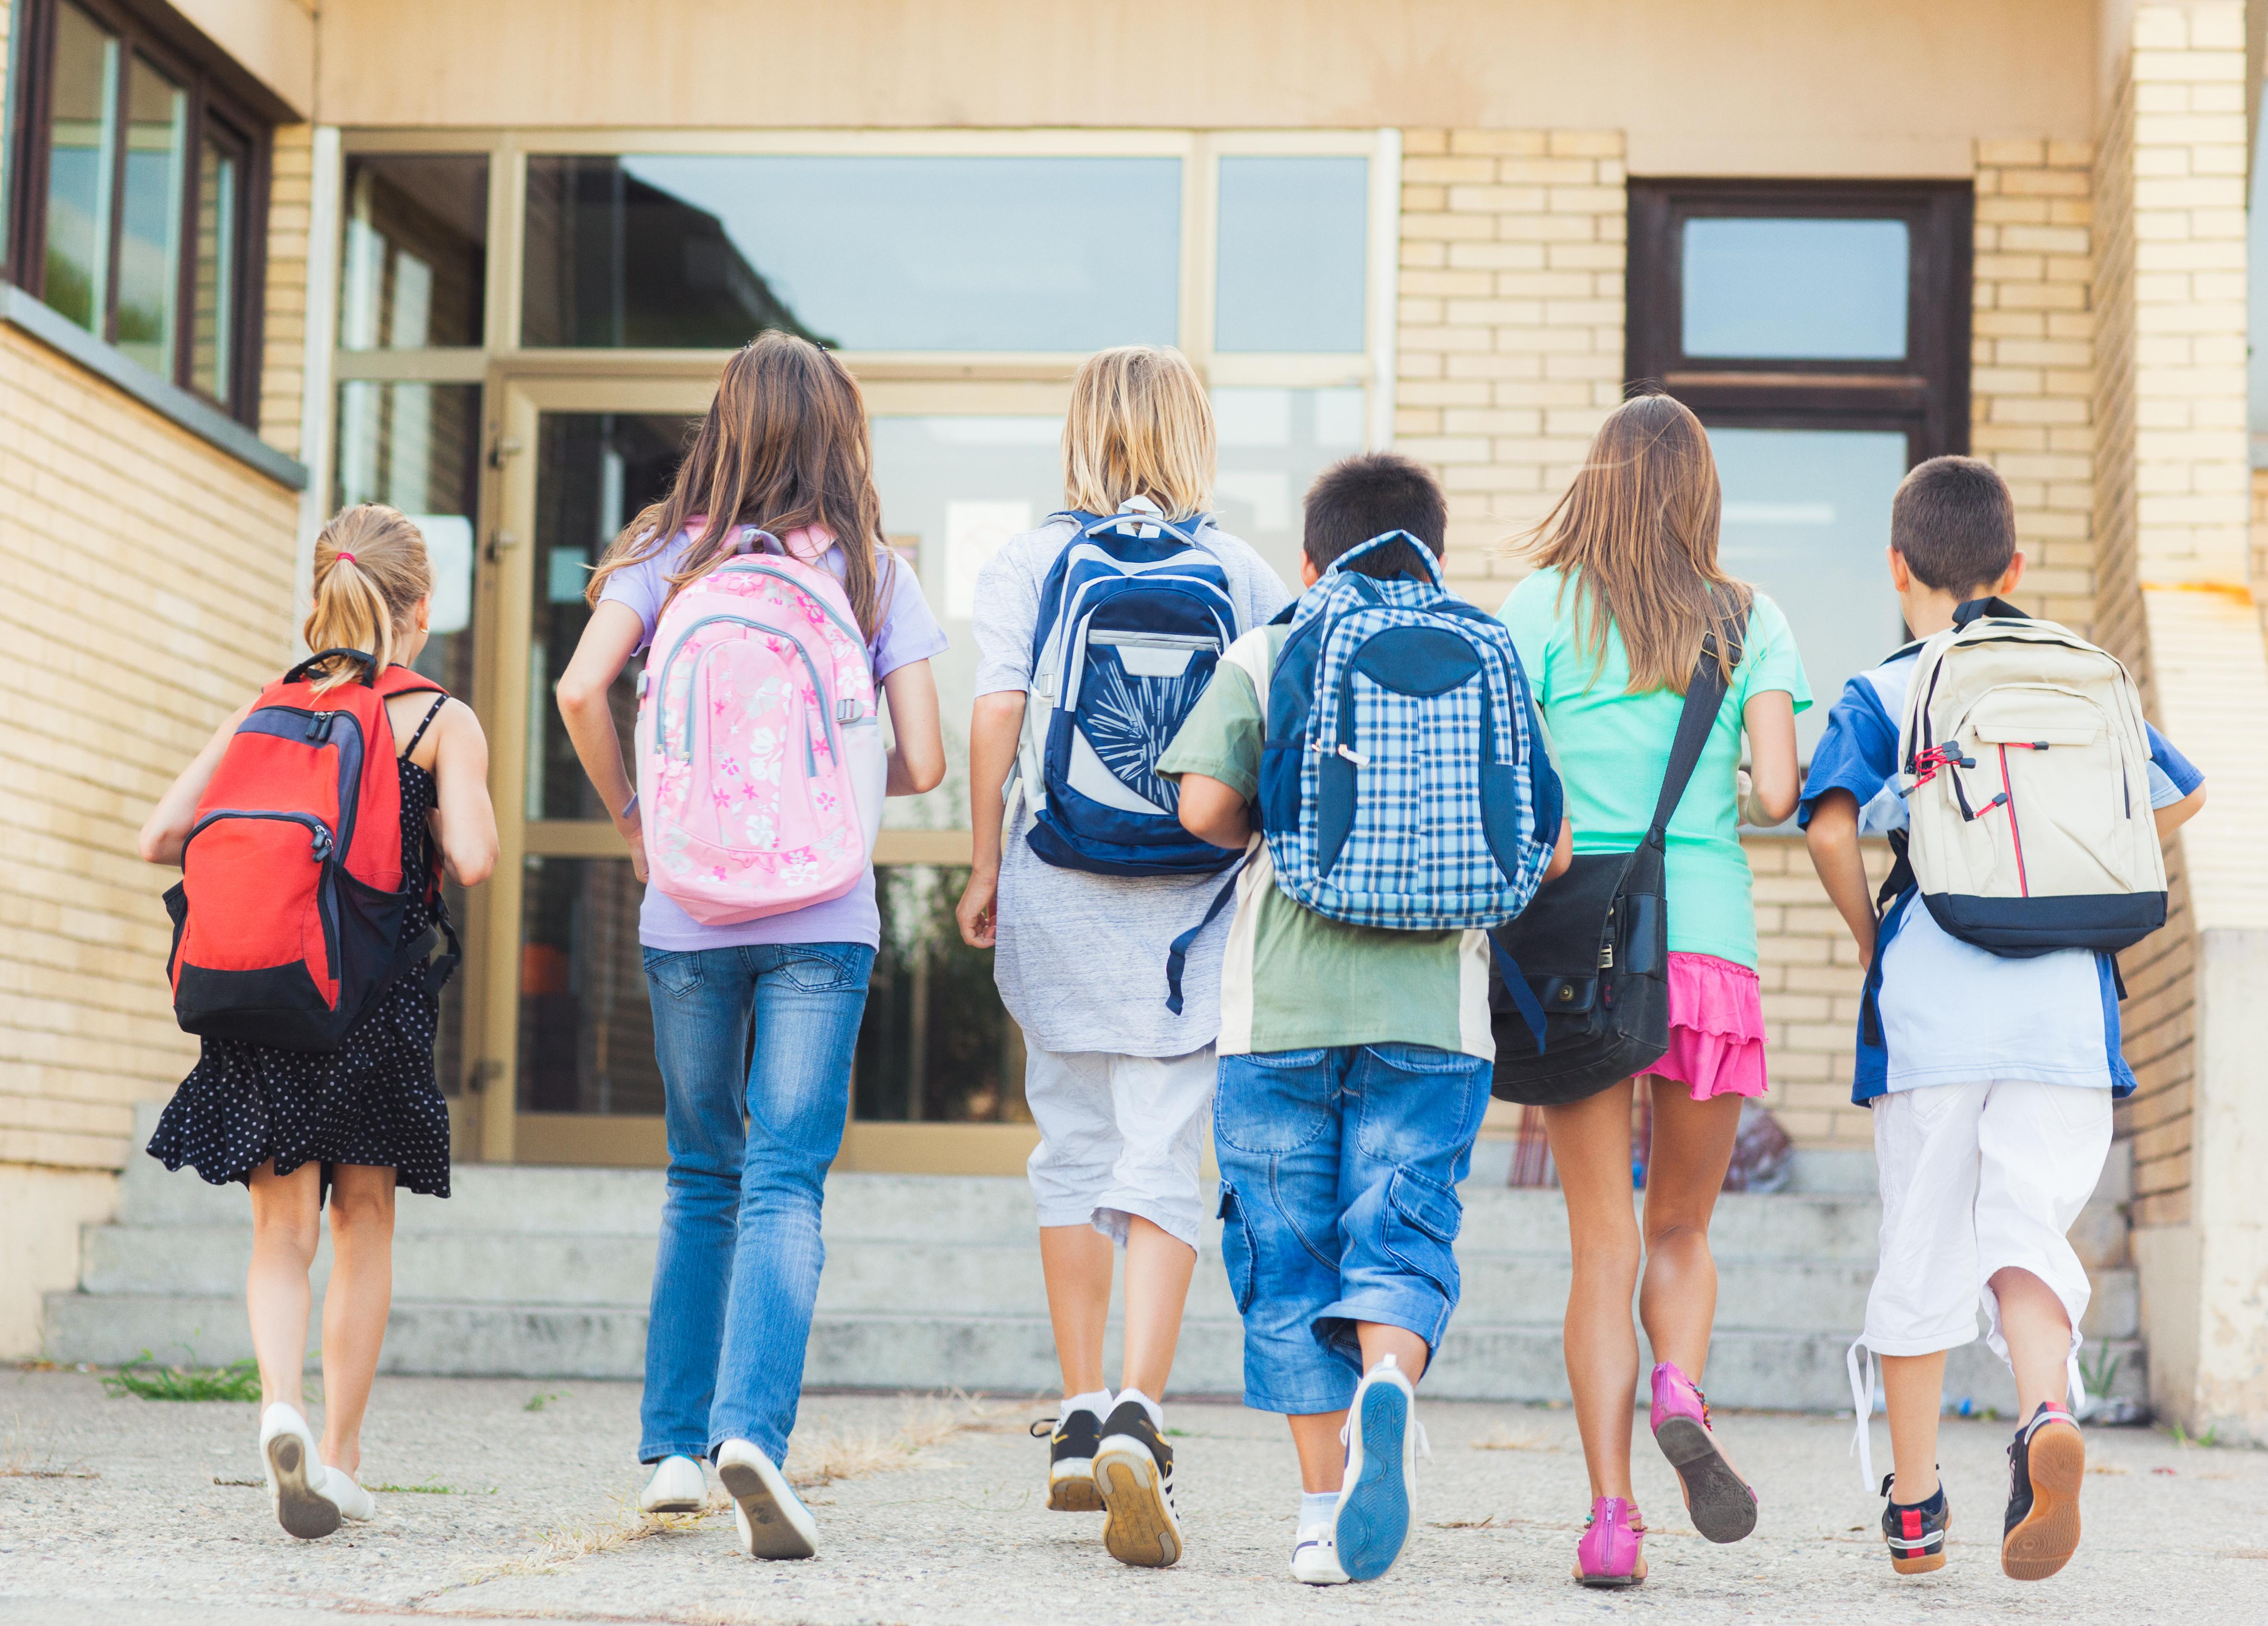 Terug naar school na de vakantie: vergeet je tas niet!